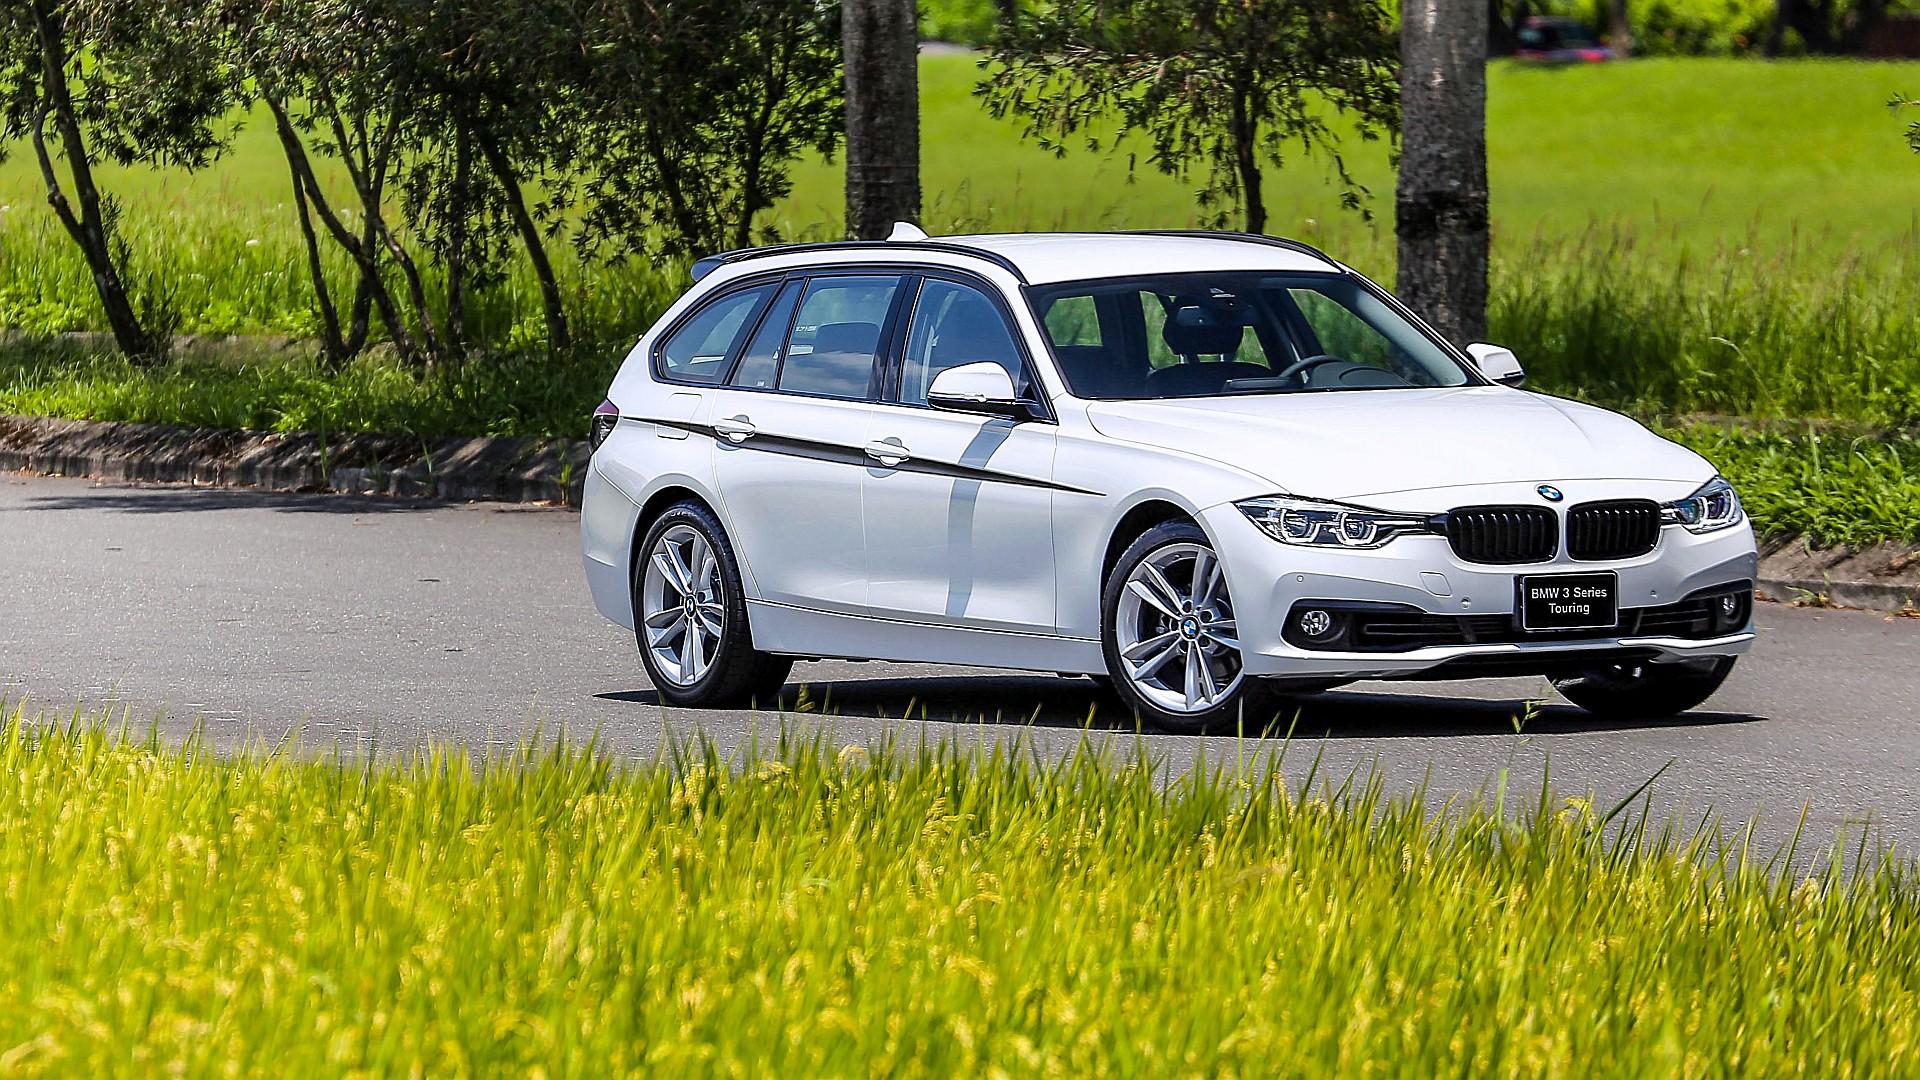 熱情旅程即刻展開:全新BMW 3系列Touring M Performance Edition限量上市